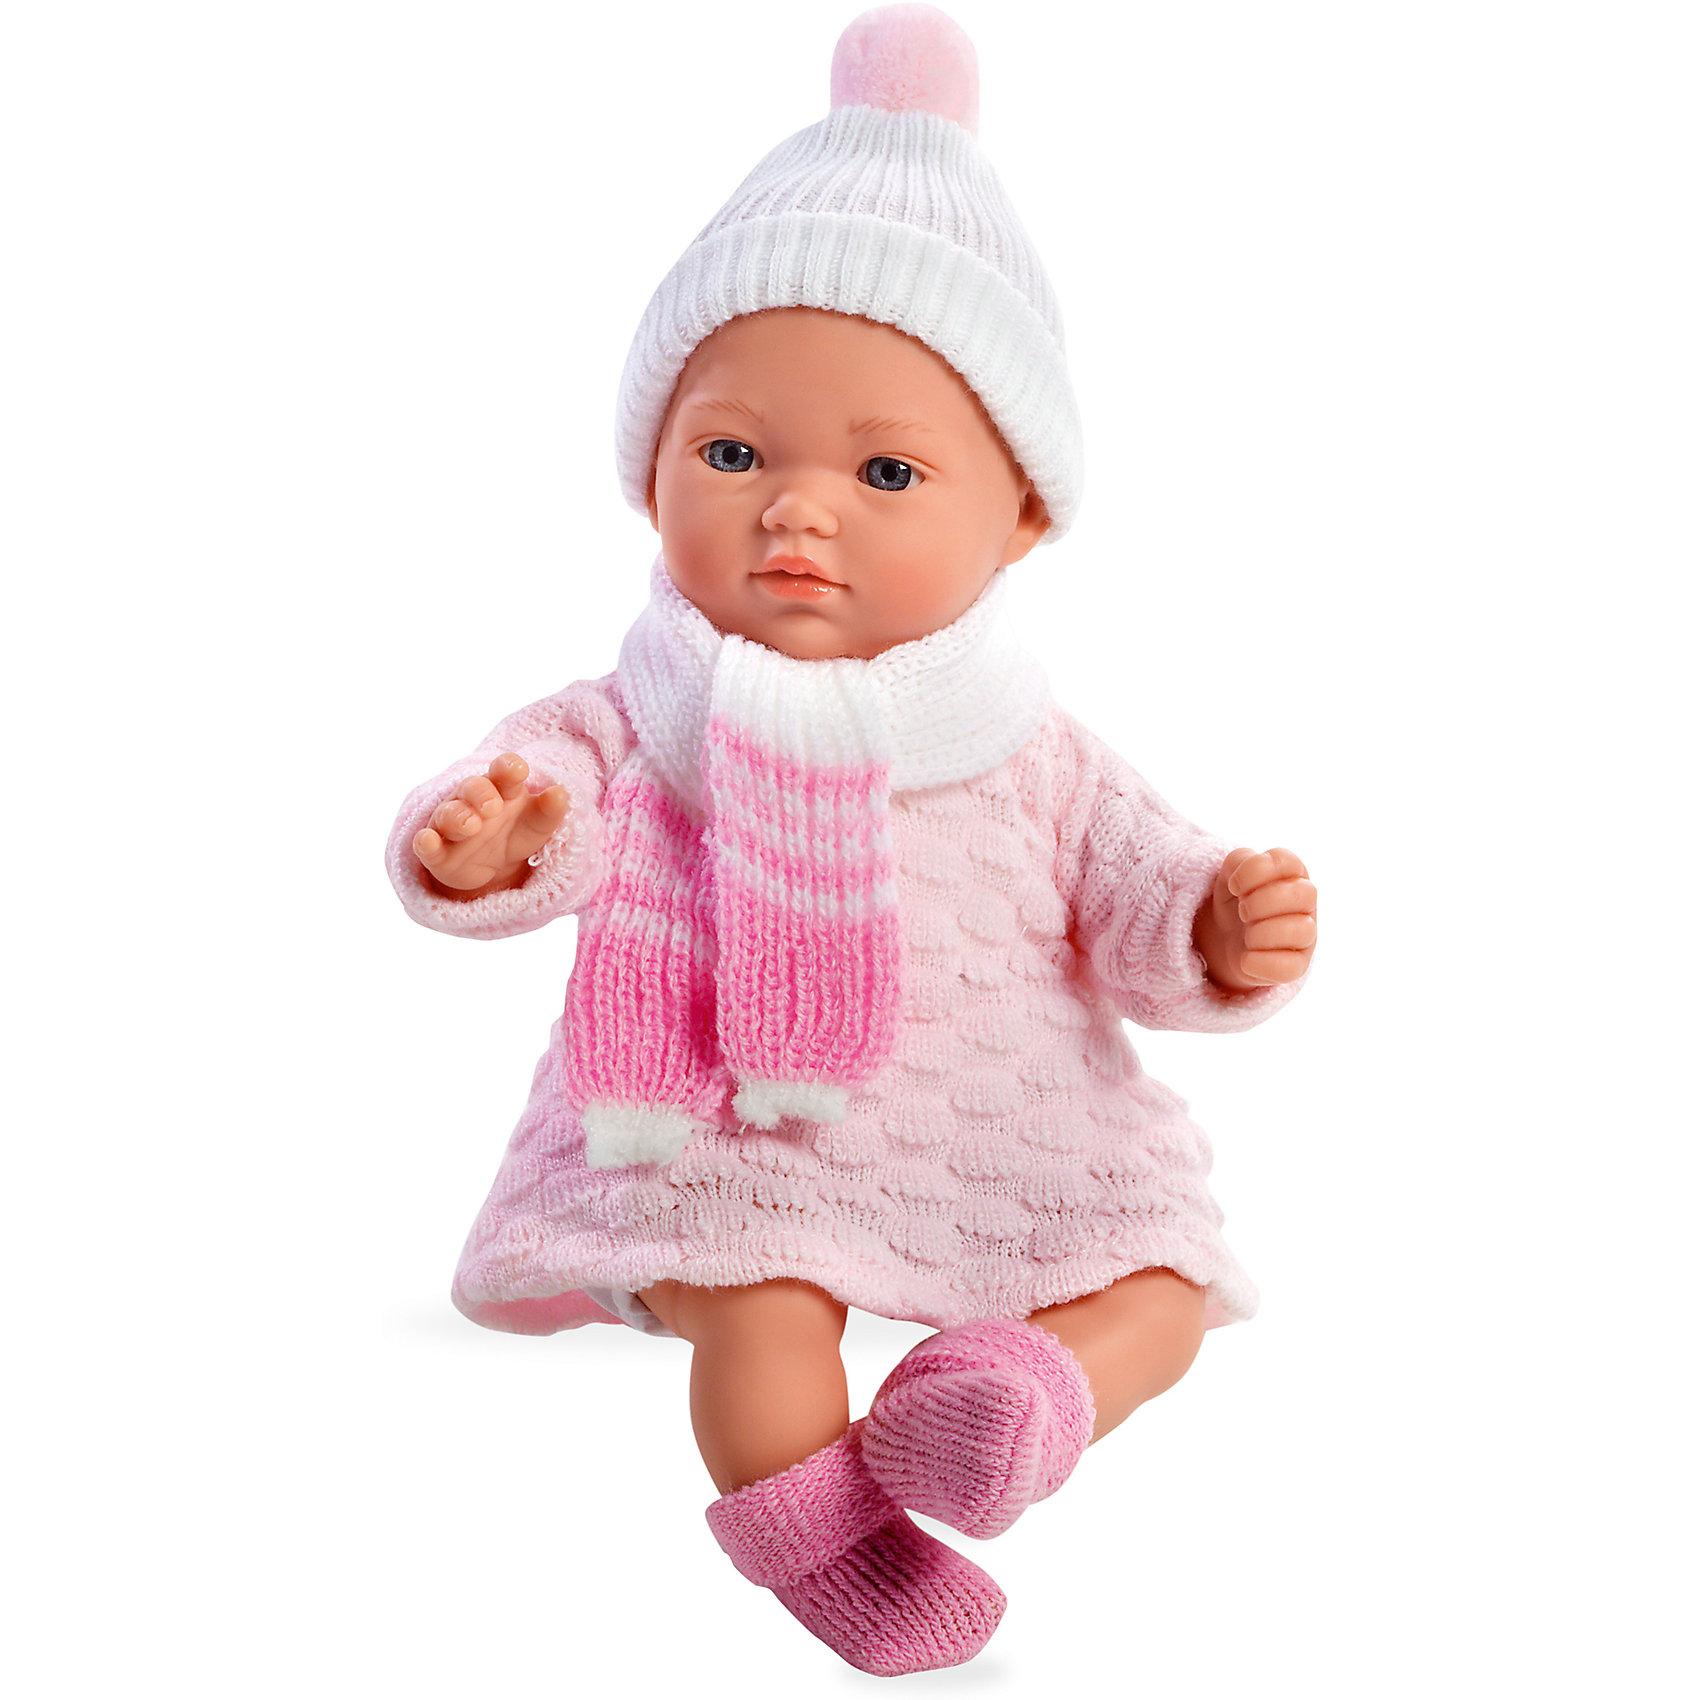 Кукла 5 функций, Elegance, в вязаной шапочке с шарфиком, розовый, 28 см, AriasХарактеристики:<br><br>• Вид игр: сюжетно-ролевые<br>• Пол: для девочек<br>• Коллекция: Elegance<br>• Материал: винил, текстиль<br>• Длина пупса: 28 см<br>• Комплектация: пупс, платьице, носочки, шапочка и шарфик<br>• Подвижные ручки и ножки <br>• Издает различные звуки <br>• Батарейки: 3 x AG13 / LR44 (предусмотрены в комплекте)<br>• Вес в упаковке: 980 г<br>• Размеры упаковки (Г*Ш*В): 19*11,5*34 см<br>• Упаковка: картонная коробка<br>• Особенности ухода: куклу можно купать, одежда – ручная стирка<br><br>Кукла 5 функций, Elegance, в вязаной шапочке с шарфиком, розовый, 28 см, Arias изготовлена известным испанским торговым предприятием Munecas, который специализируется на выпуске кукол и пупсов. Пупсы и куклы Arias с высокой степенью достоверности повторяют облик маленьких детей, благодаря мельчайшим деталям внешнего вида и одежды игрушки выглядят мило и очаровательно. Кукла выполнена из винила, у нее подвижные ручки и ножки, четко прорисованные глаза и брови, курносый носик и пухленькие губки. Малышка одета в вязаное платьице с длинным рукавом, шапочку с помпоном, на ножках у нее теплые носочки, на шее повязан шарфик. При нажатии на животик, кукла издает различные звуки младенца. Кукла 5 функций, Elegance, в вязаной шапочке с шарфиком, розовый, 28 см, Arias станет идеальным подарком для девочки к любому празднику.<br><br>Куклу 5 функций, Elegance, в вязаной шапочке с шарфиком, розовый, 28 см, Arias можно купить в нашем интернет-магазине.<br><br>Ширина мм: 190<br>Глубина мм: 340<br>Высота мм: 115<br>Вес г: 683<br>Возраст от месяцев: 36<br>Возраст до месяцев: 120<br>Пол: Женский<br>Возраст: Детский<br>SKU: 5355535